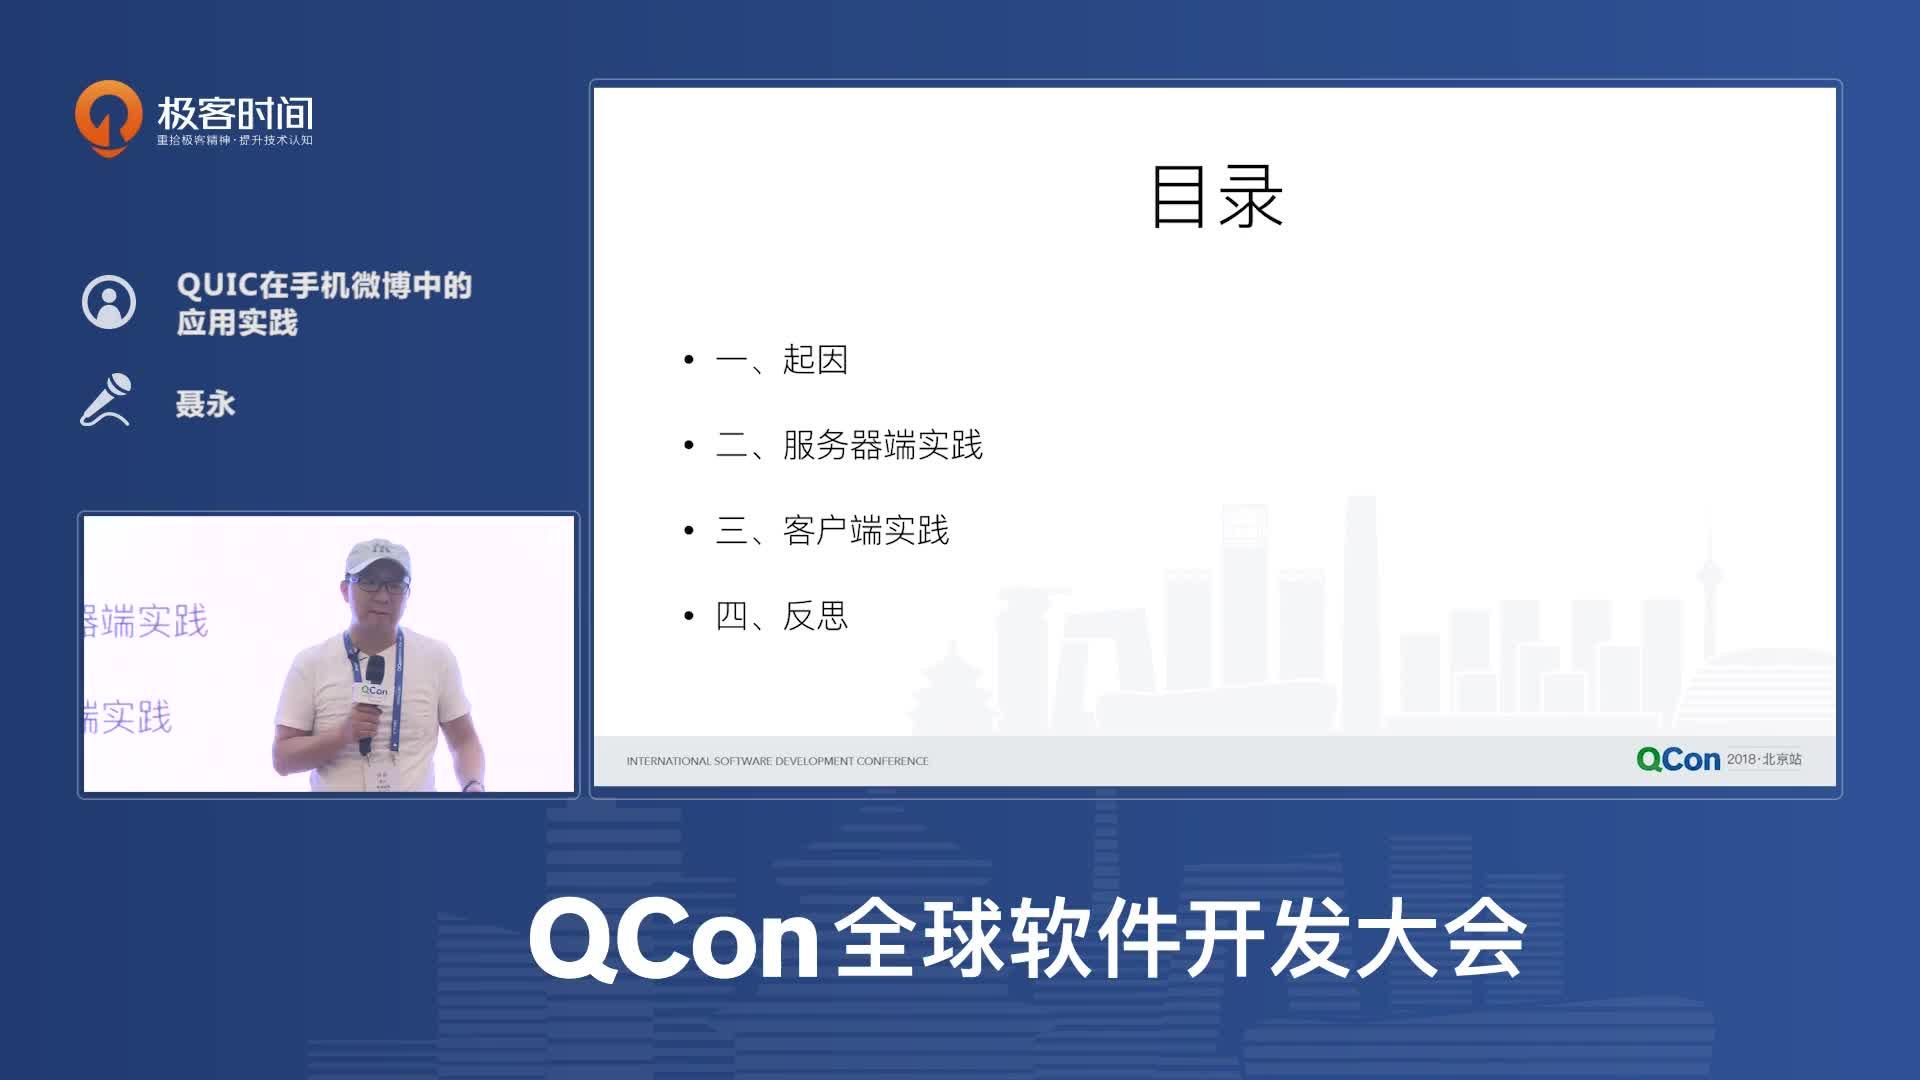 QUIC在手机微博中的应用实践丨QCon